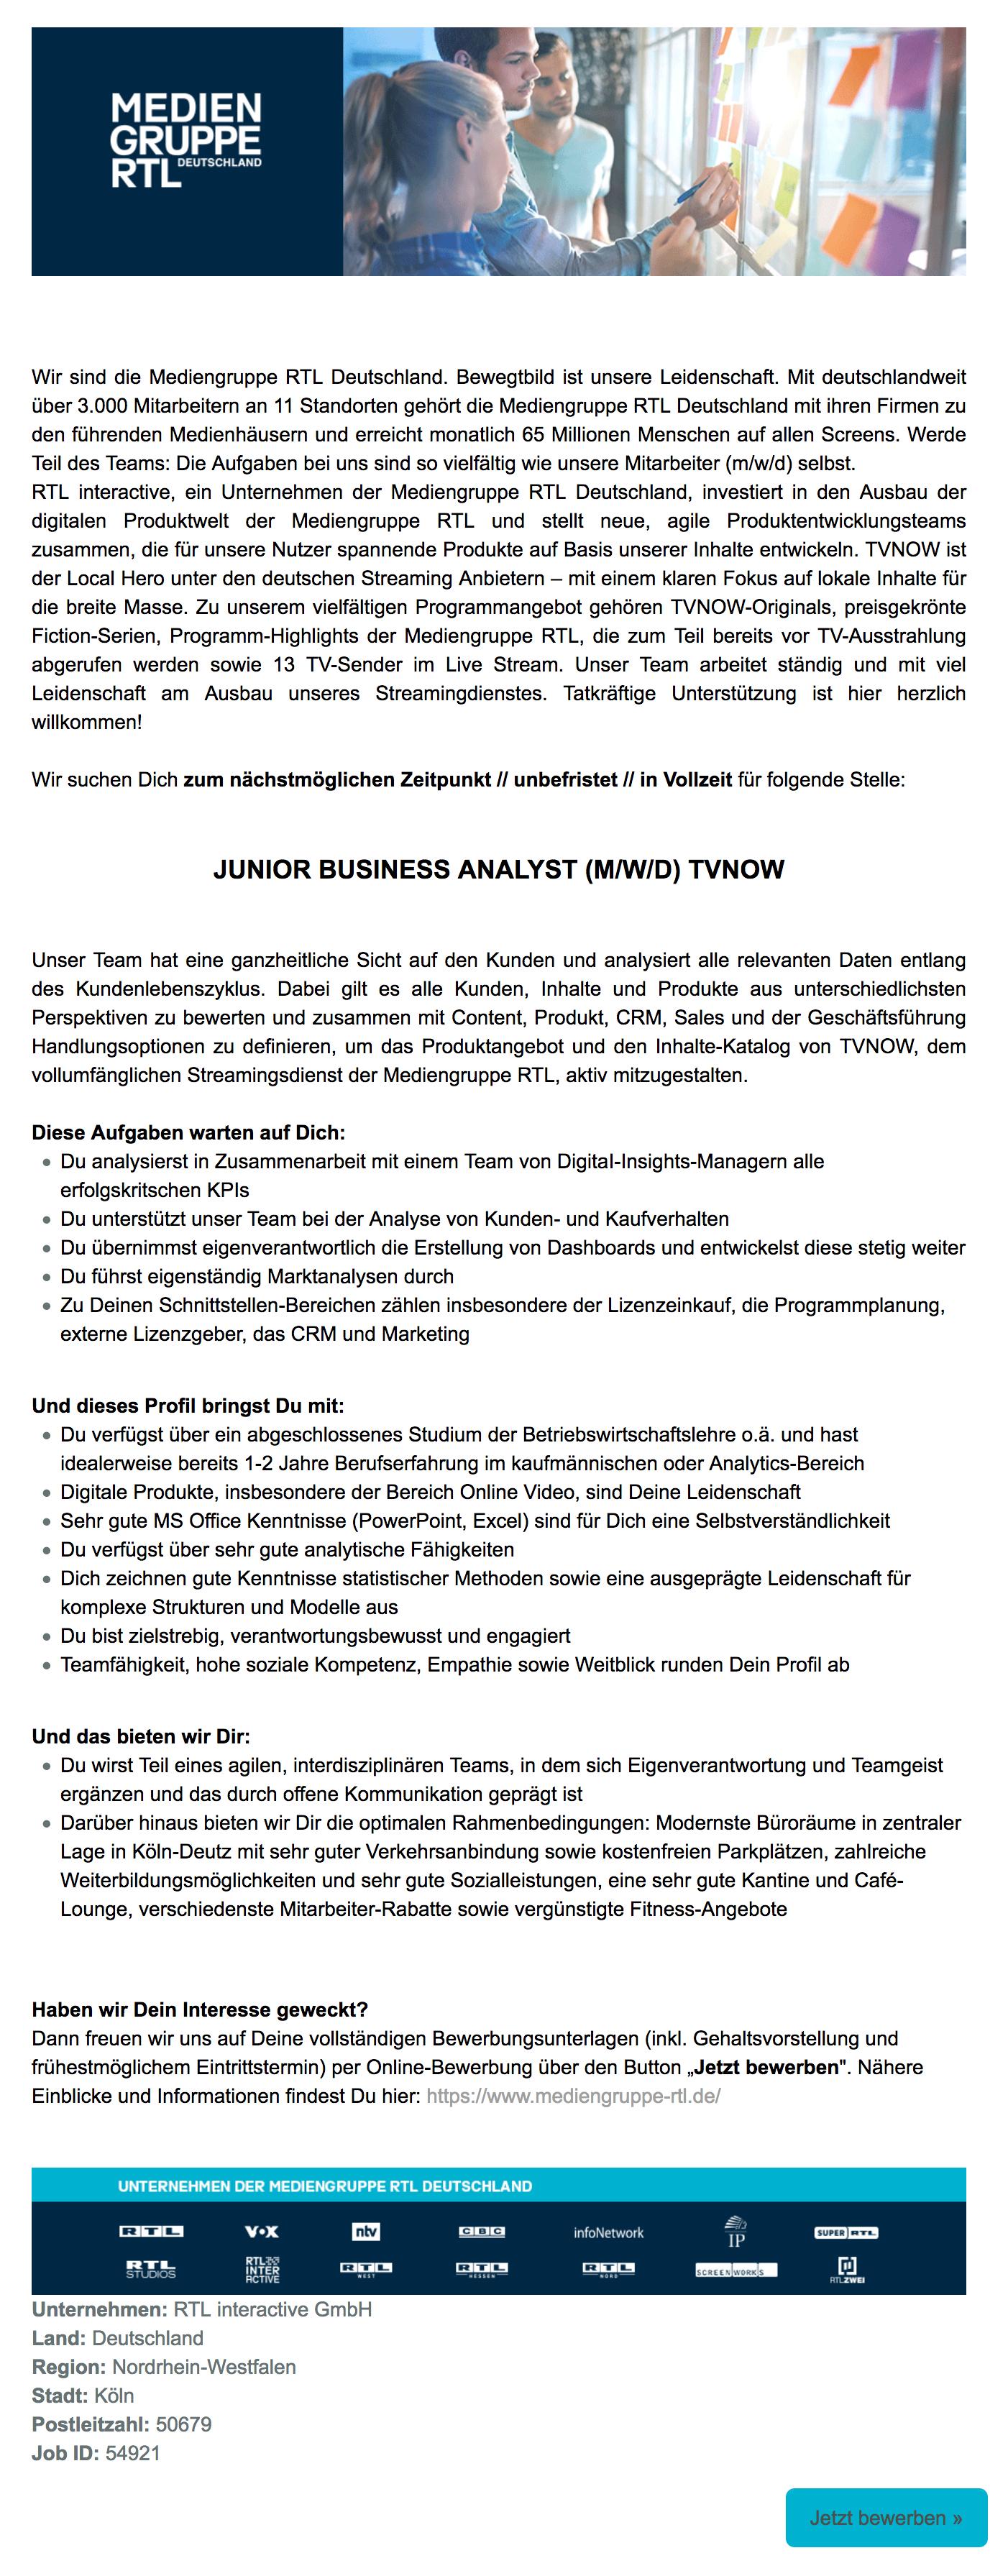 Mediengruppe Rtl Deutschland Köln Sucht Junior Business